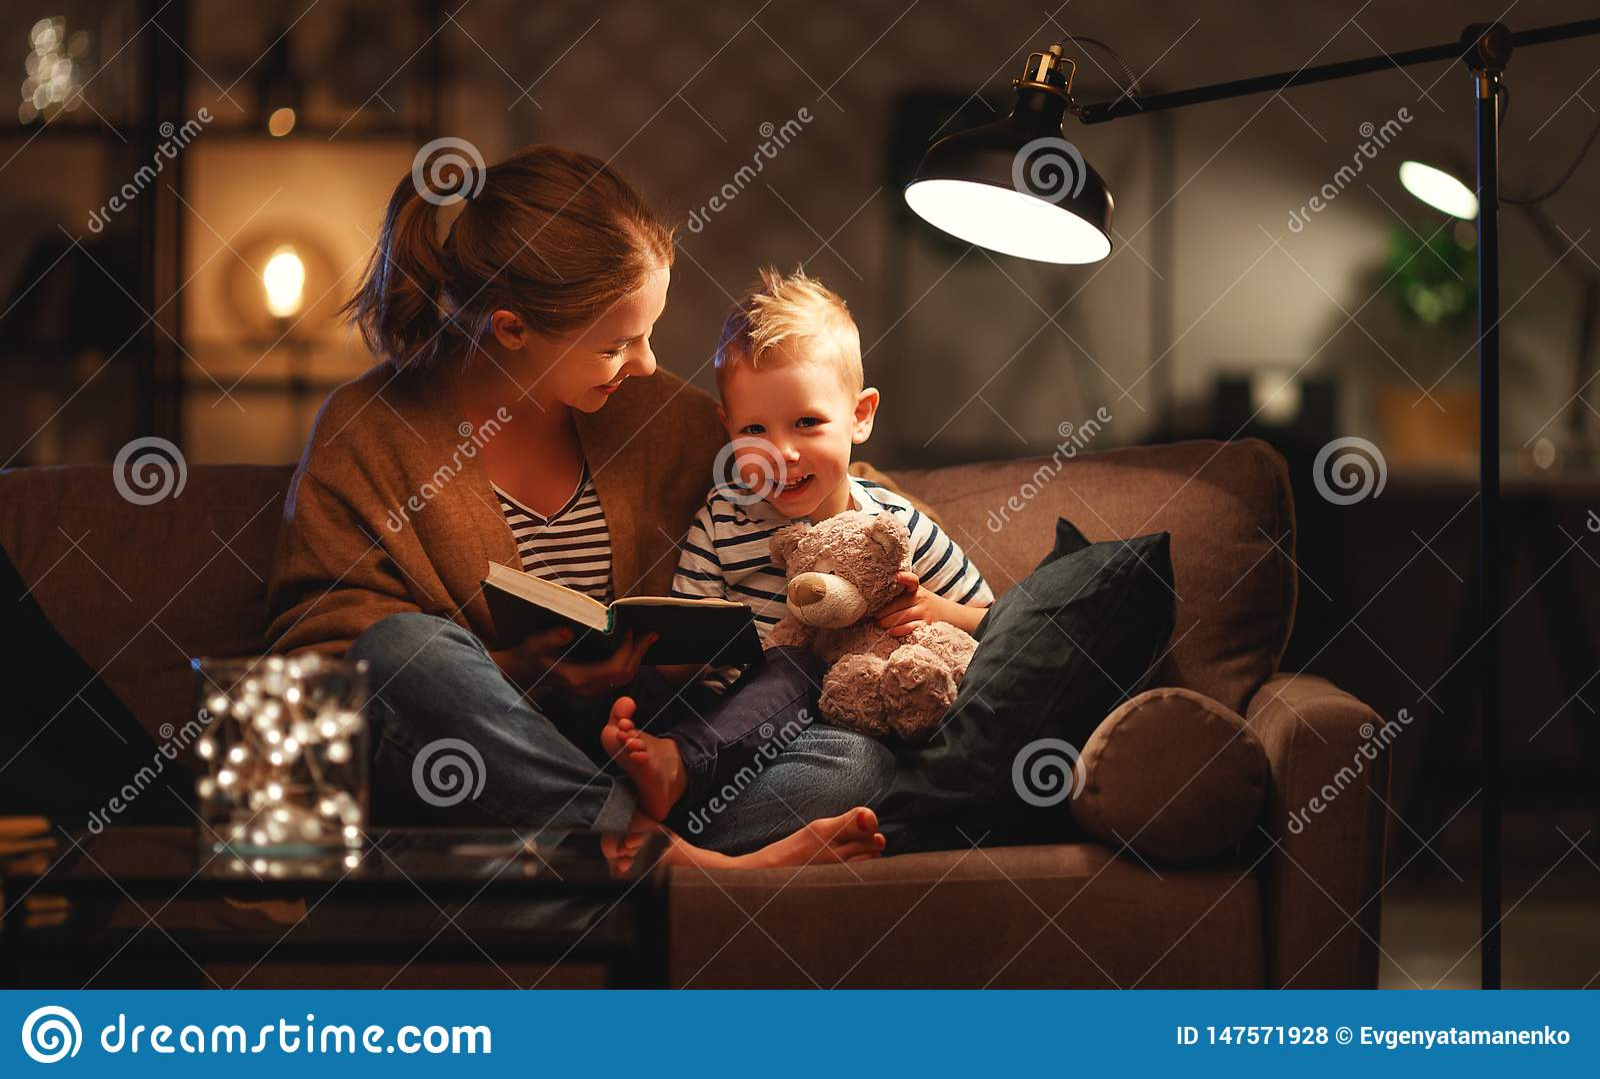 Familie vor schlafen gehender Mutter liest zu ihrem Kindersohnbuch nahe einer Lampe am Abend